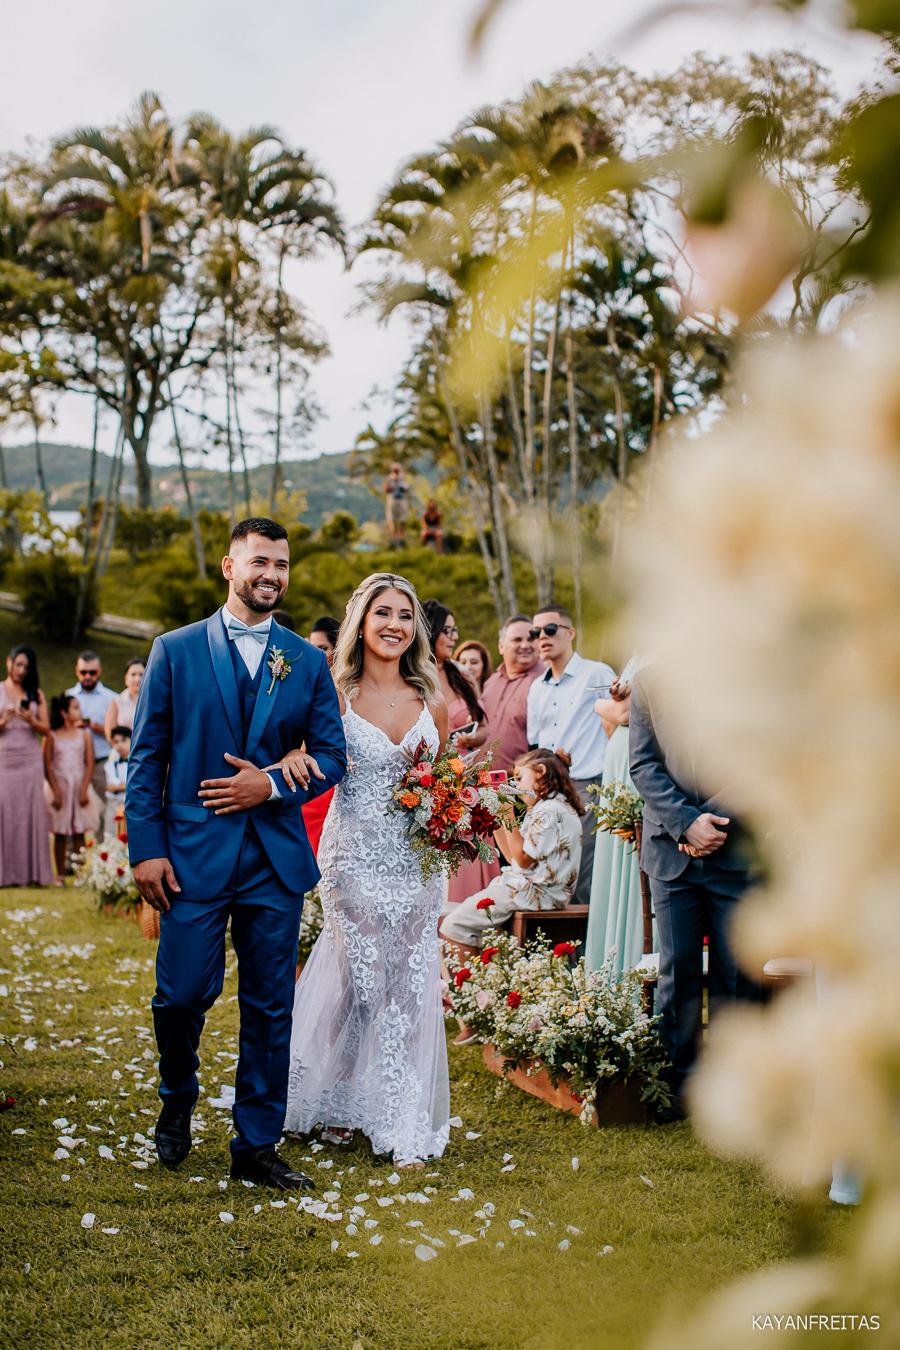 casamentodedia-lic-floripa-0071 Casamento de dia em Florianópolis - Pri e Guto